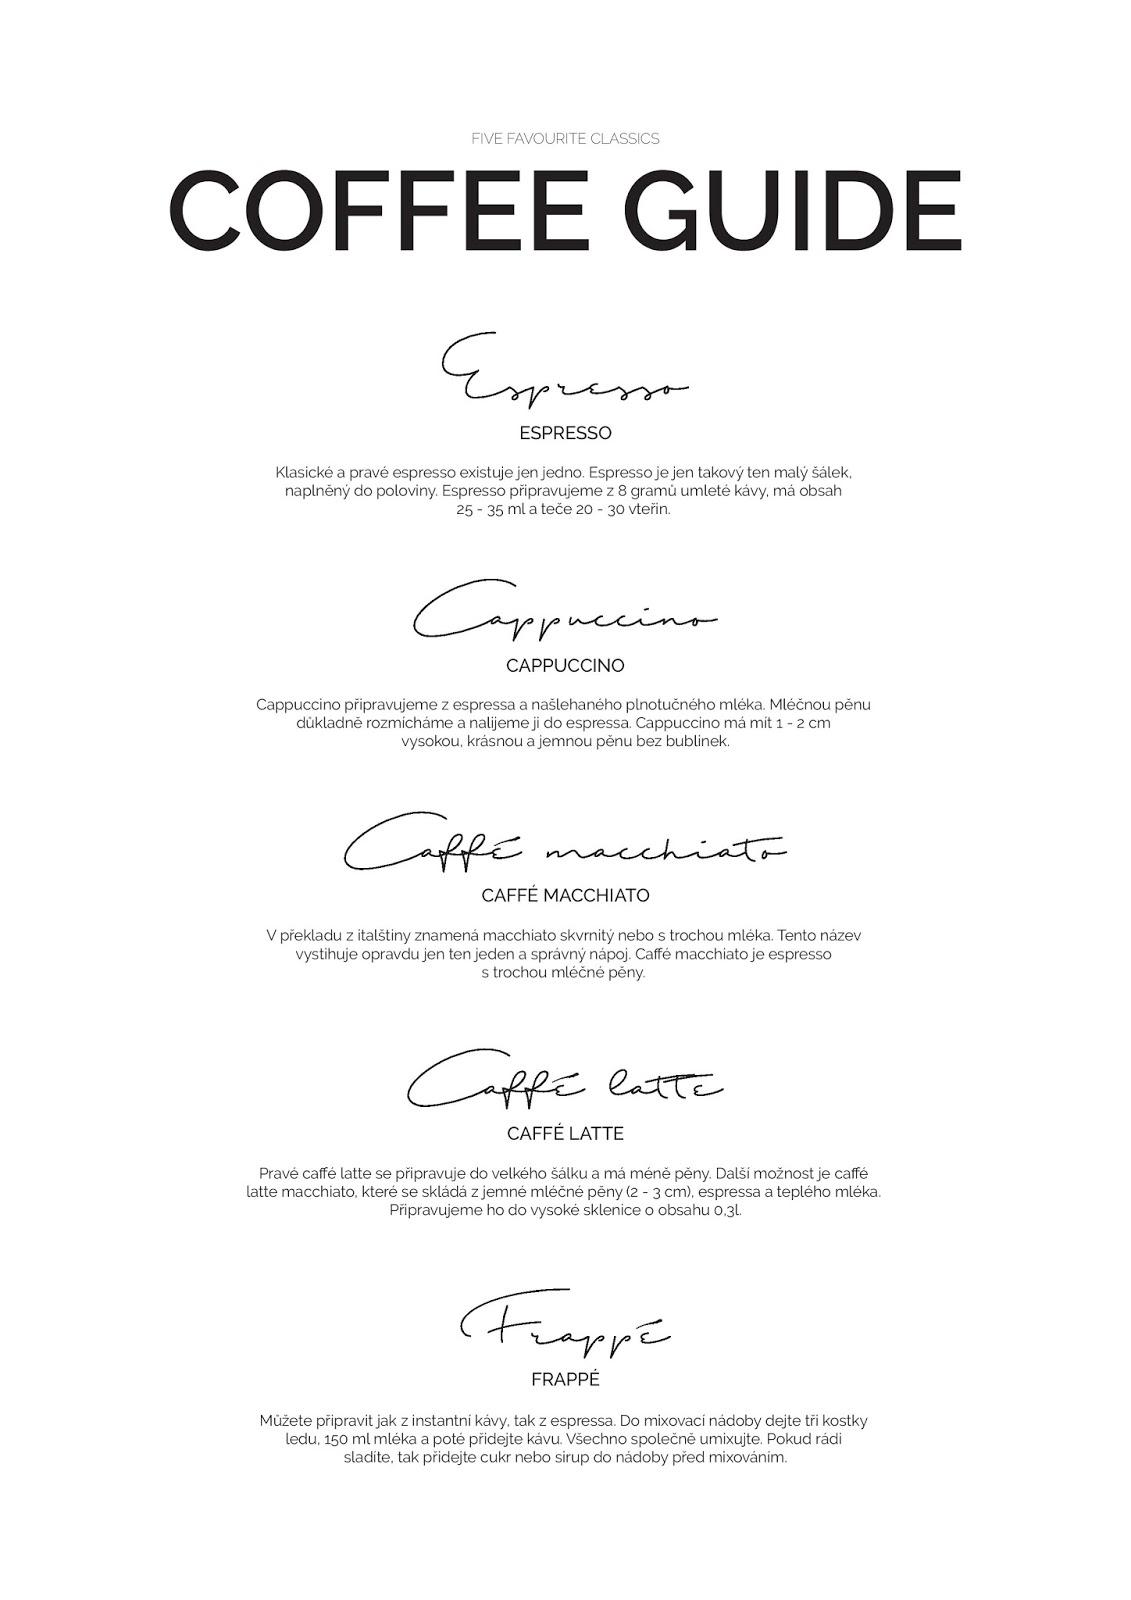 Coffe guide, příprava kávy, skandinávský design, coffee guide ke stažení, white interior